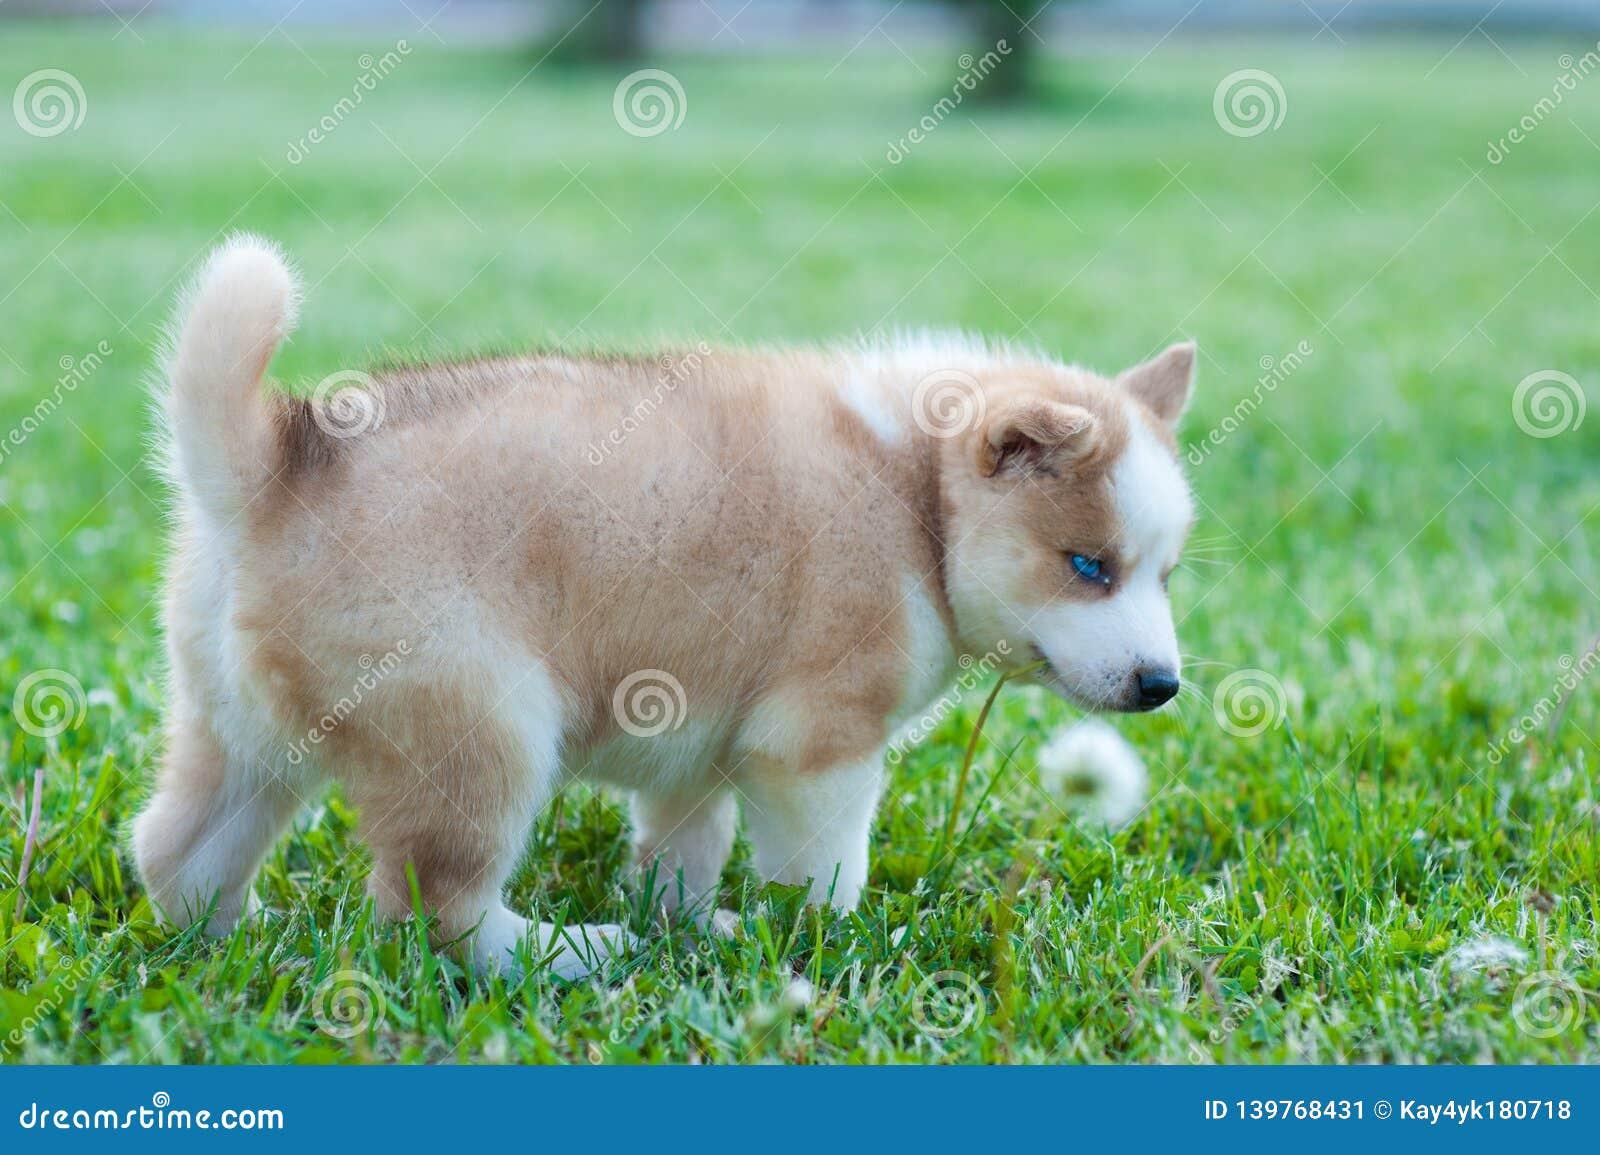 Heiserer Hund ergriff grünes Gras mit ihrem Mund